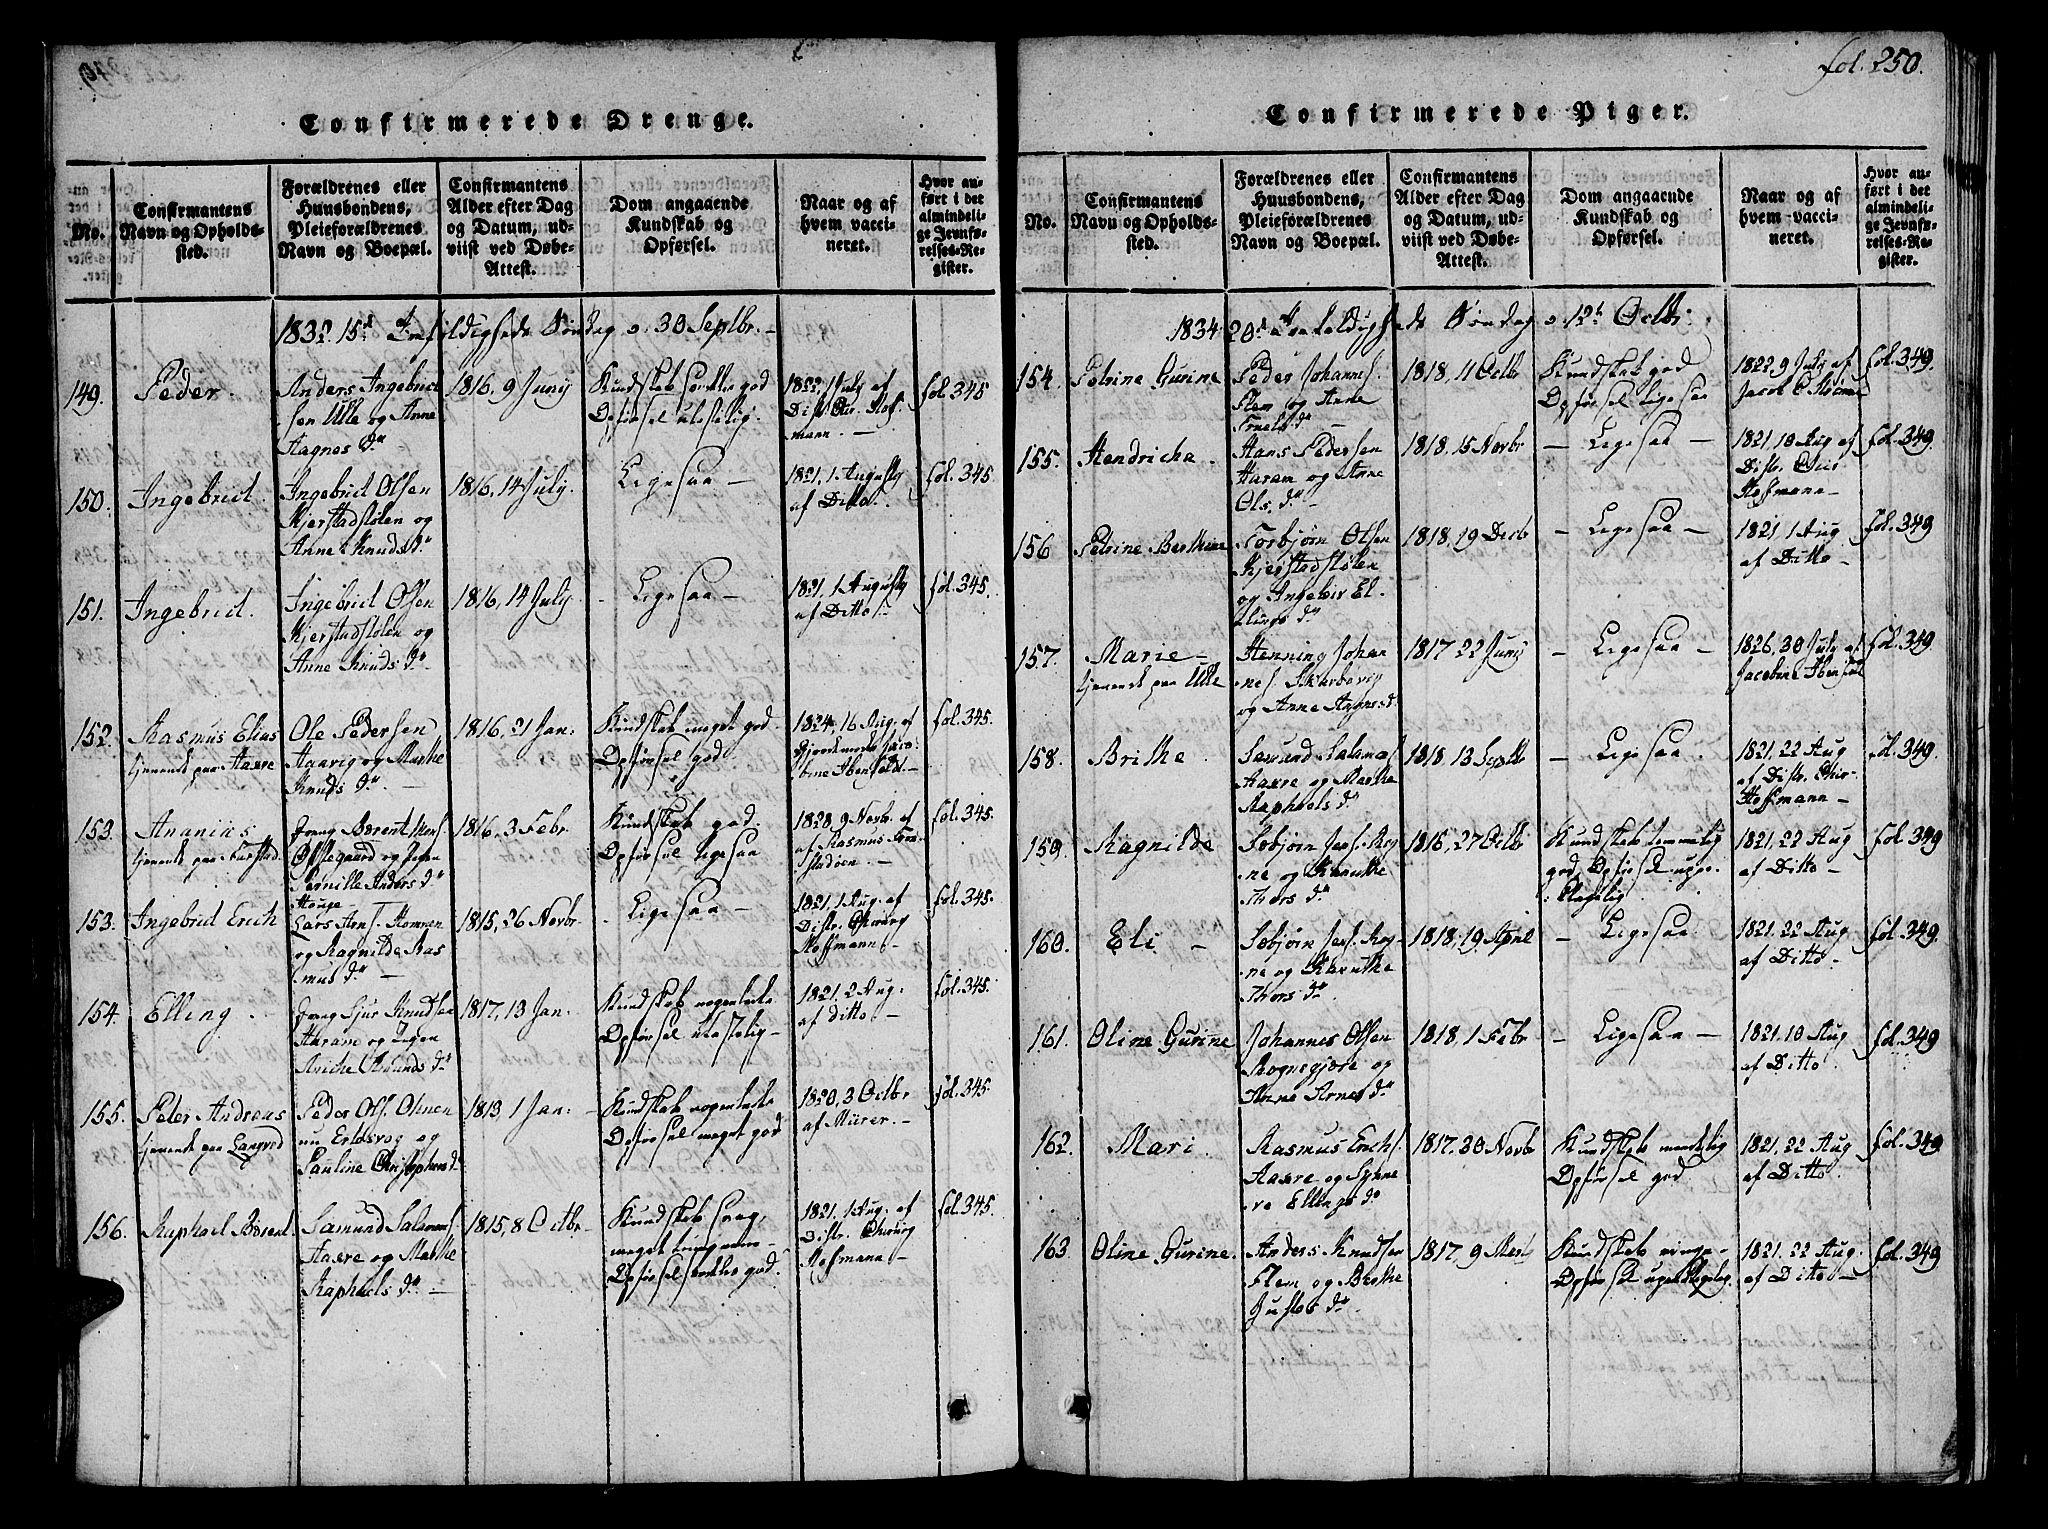 SAT, Ministerialprotokoller, klokkerbøker og fødselsregistre - Møre og Romsdal, 536/L0495: Ministerialbok nr. 536A04, 1818-1847, s. 250